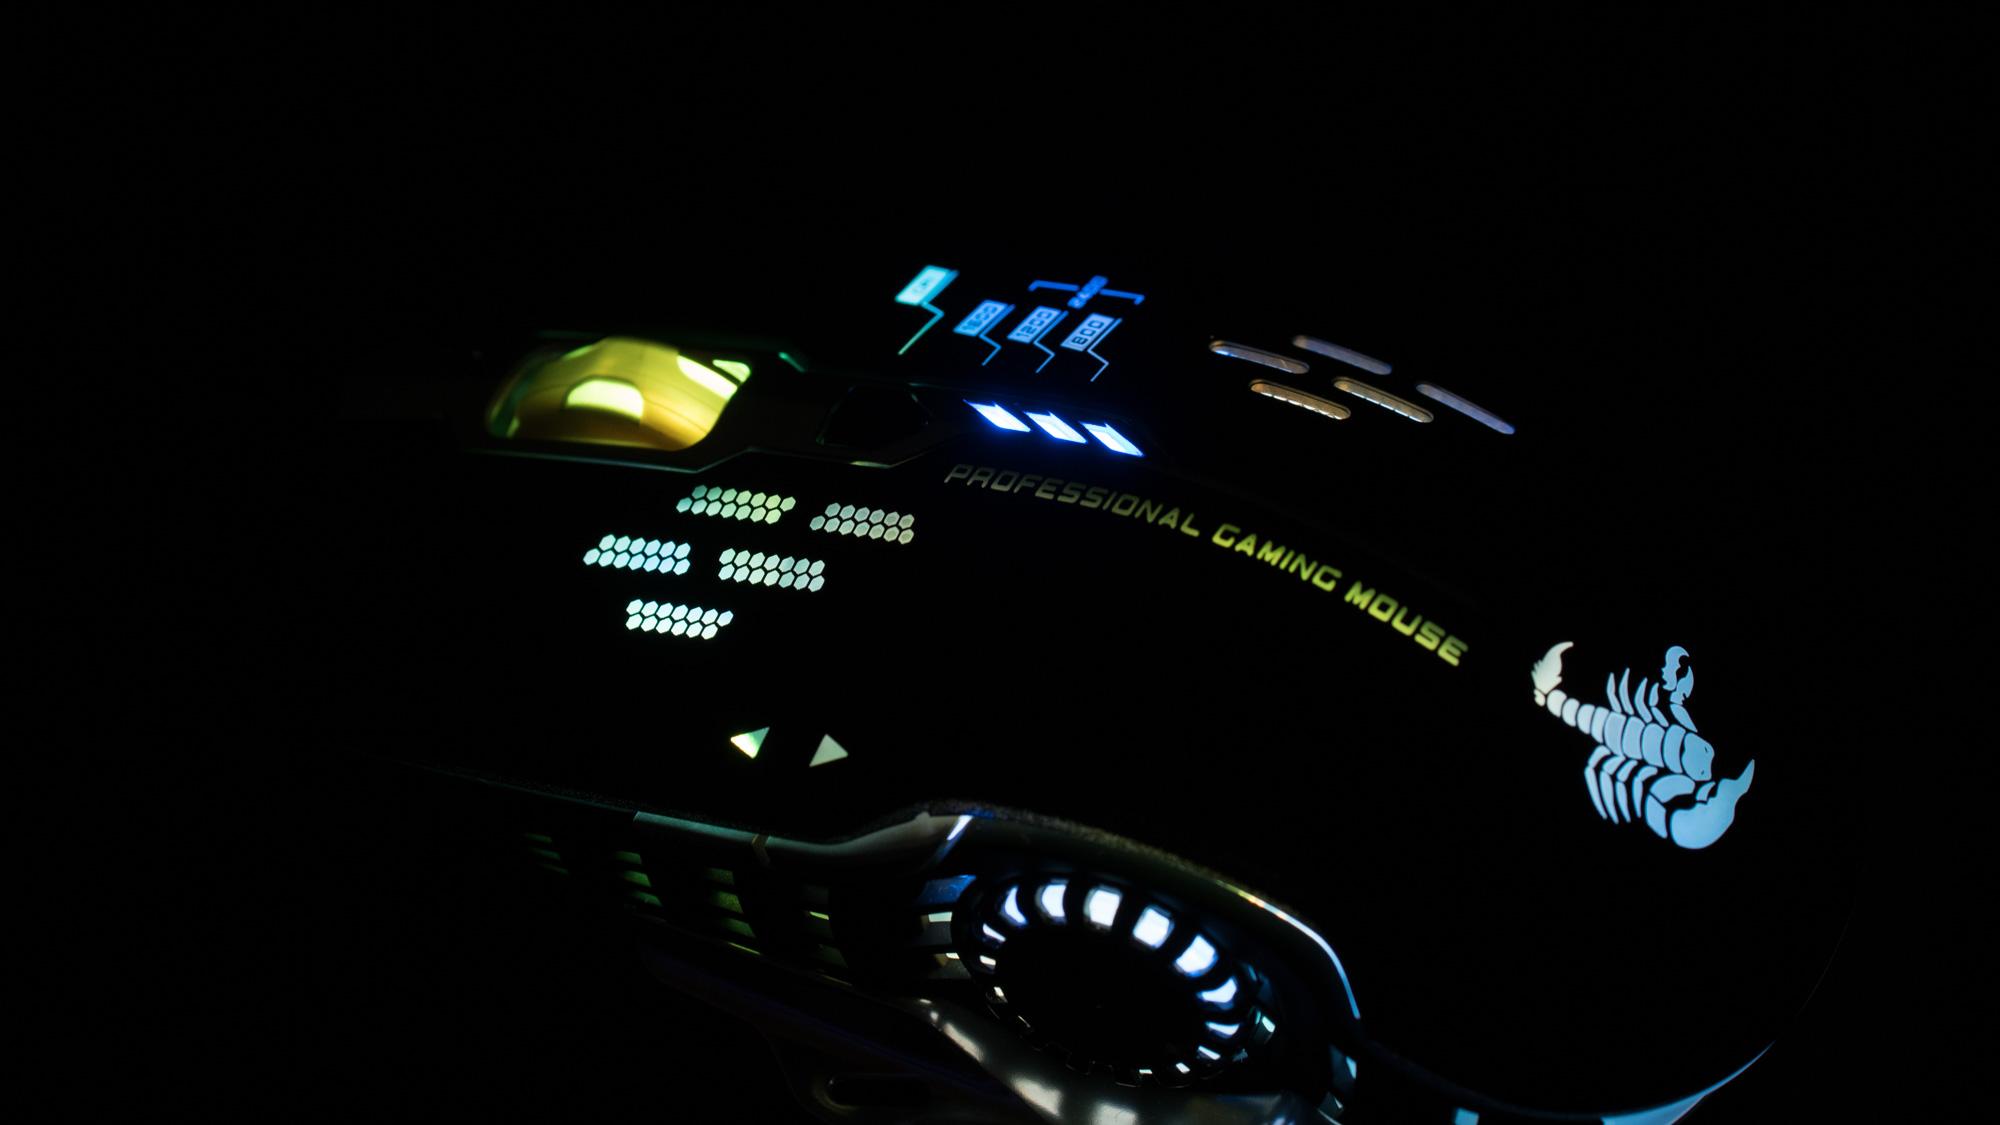 Die Gaming Maus mit der besten Preis Leistung AUKEY KM-G1 Armored Scorpid Gaming Laser Maus 4000dpi Test Review